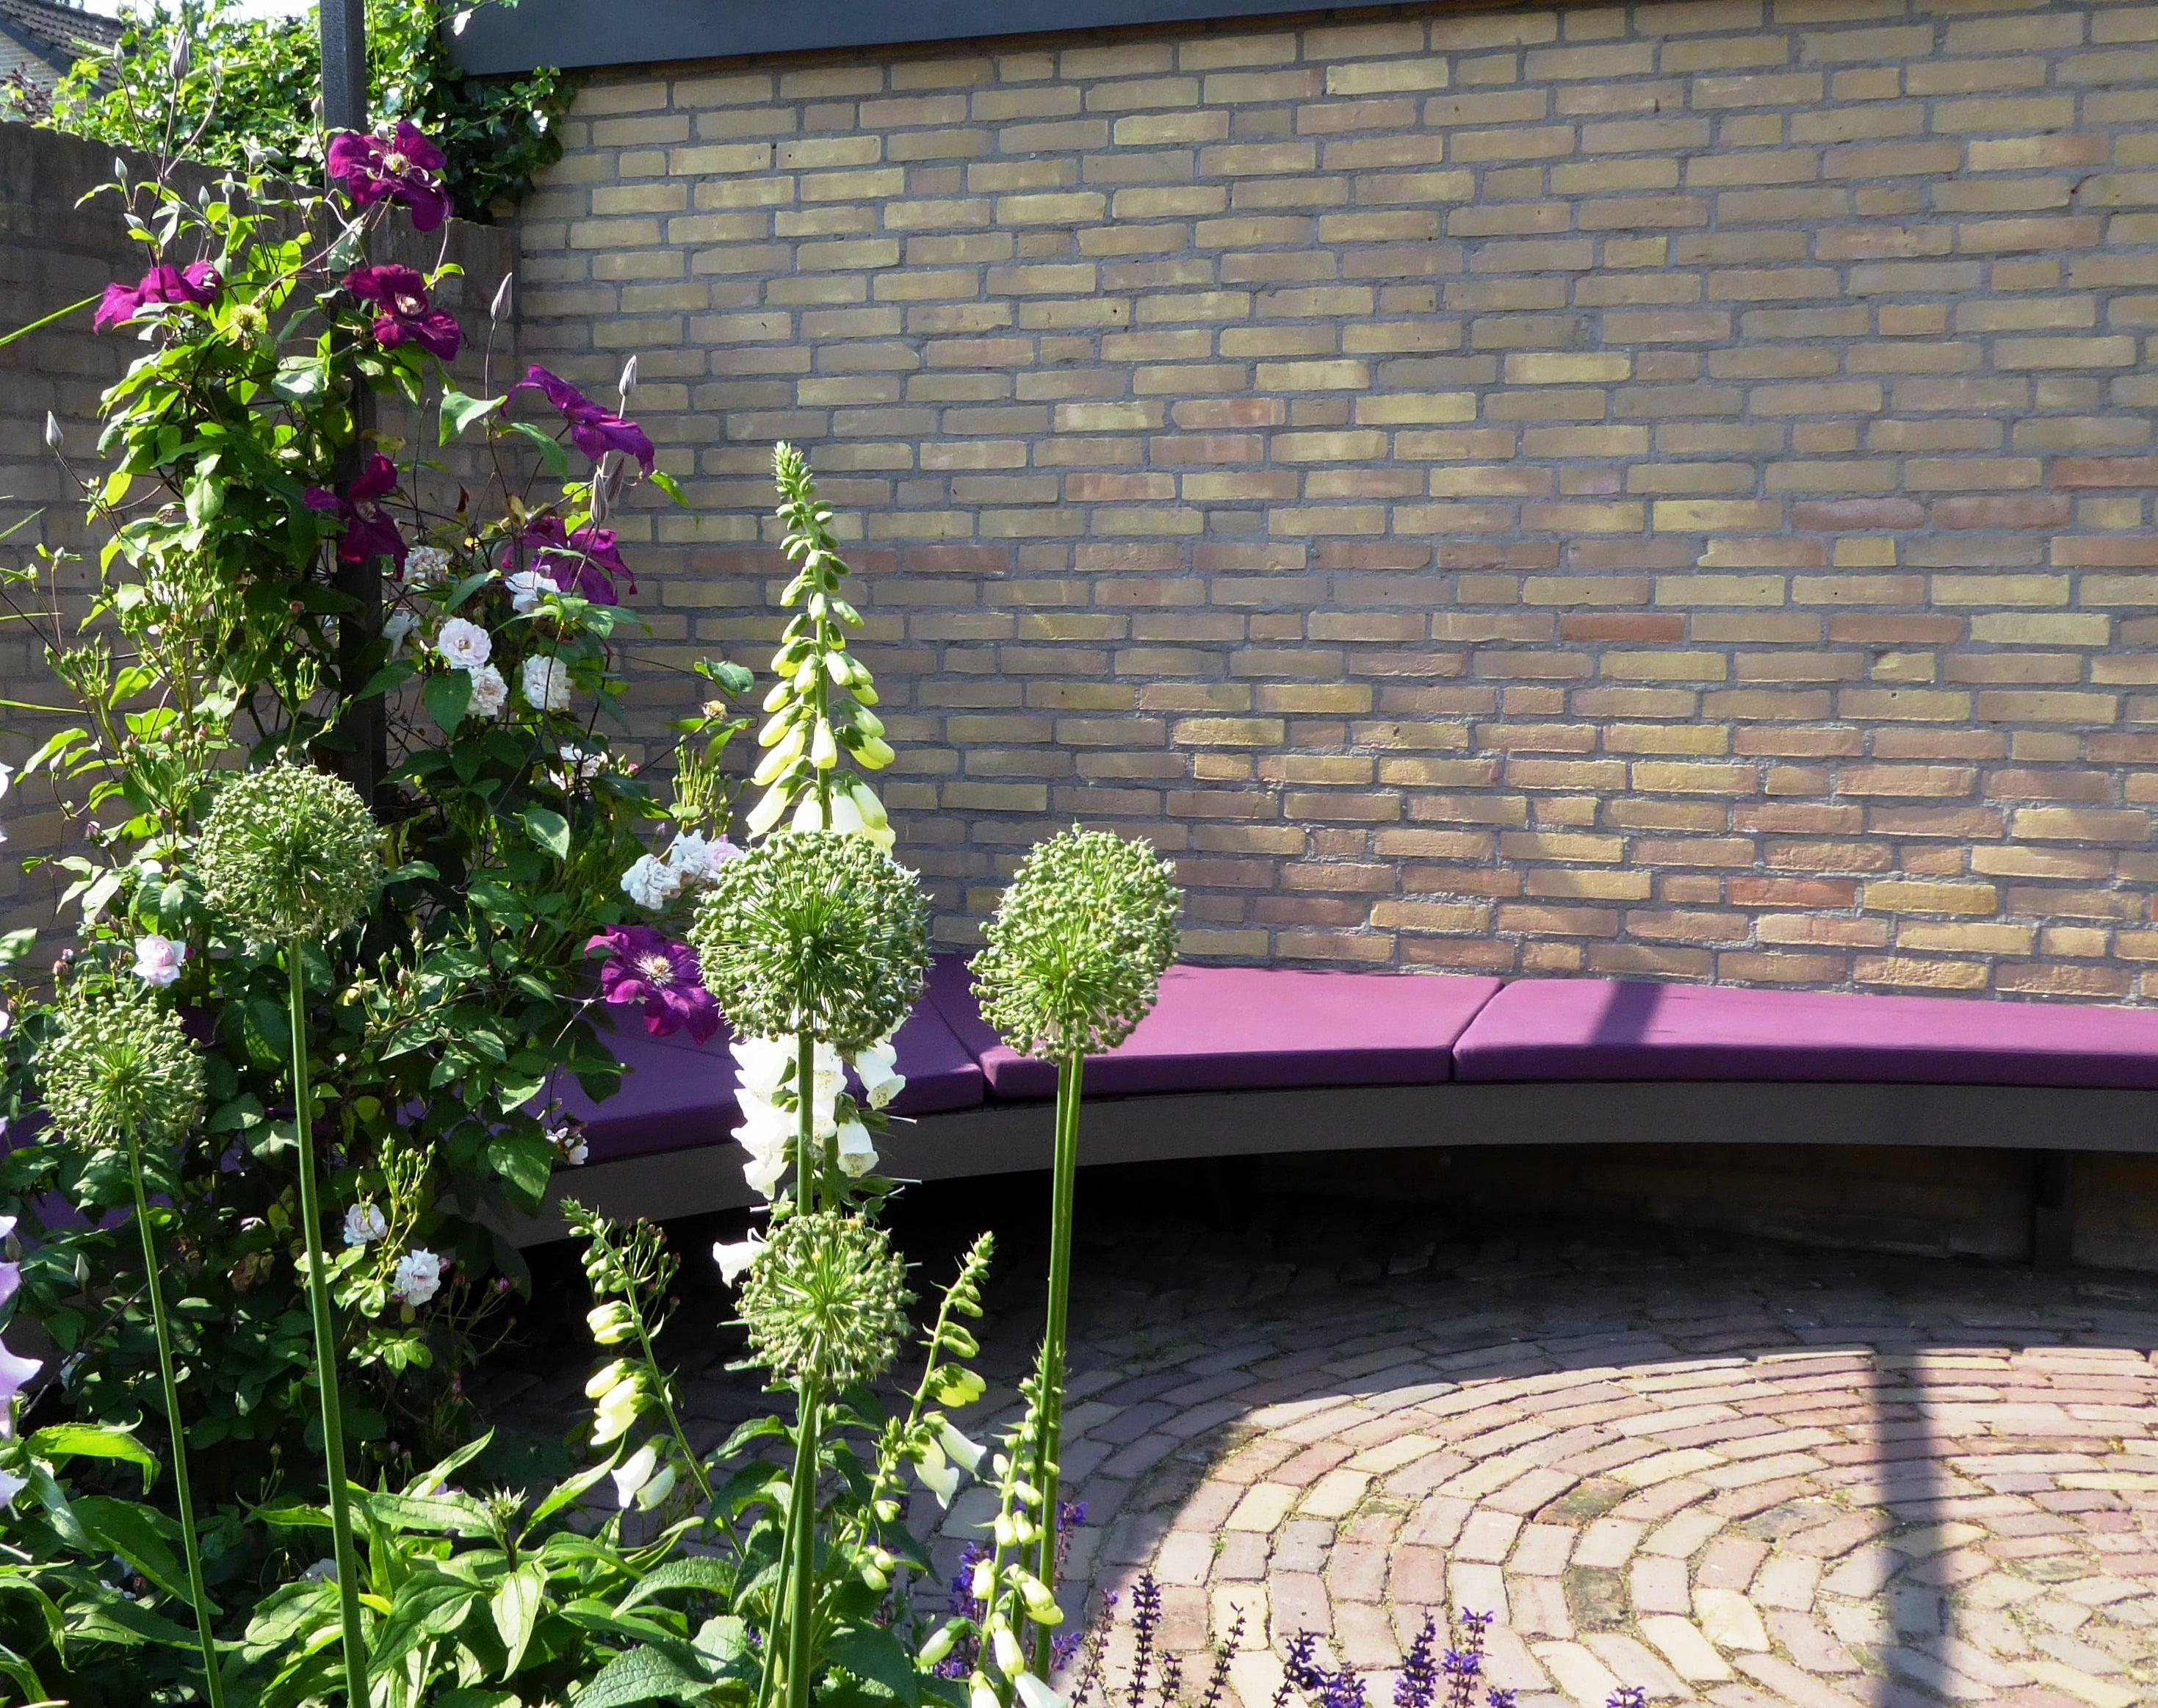 hoekbank tegen een muur met paarse kussen in de kleur van de beplanting